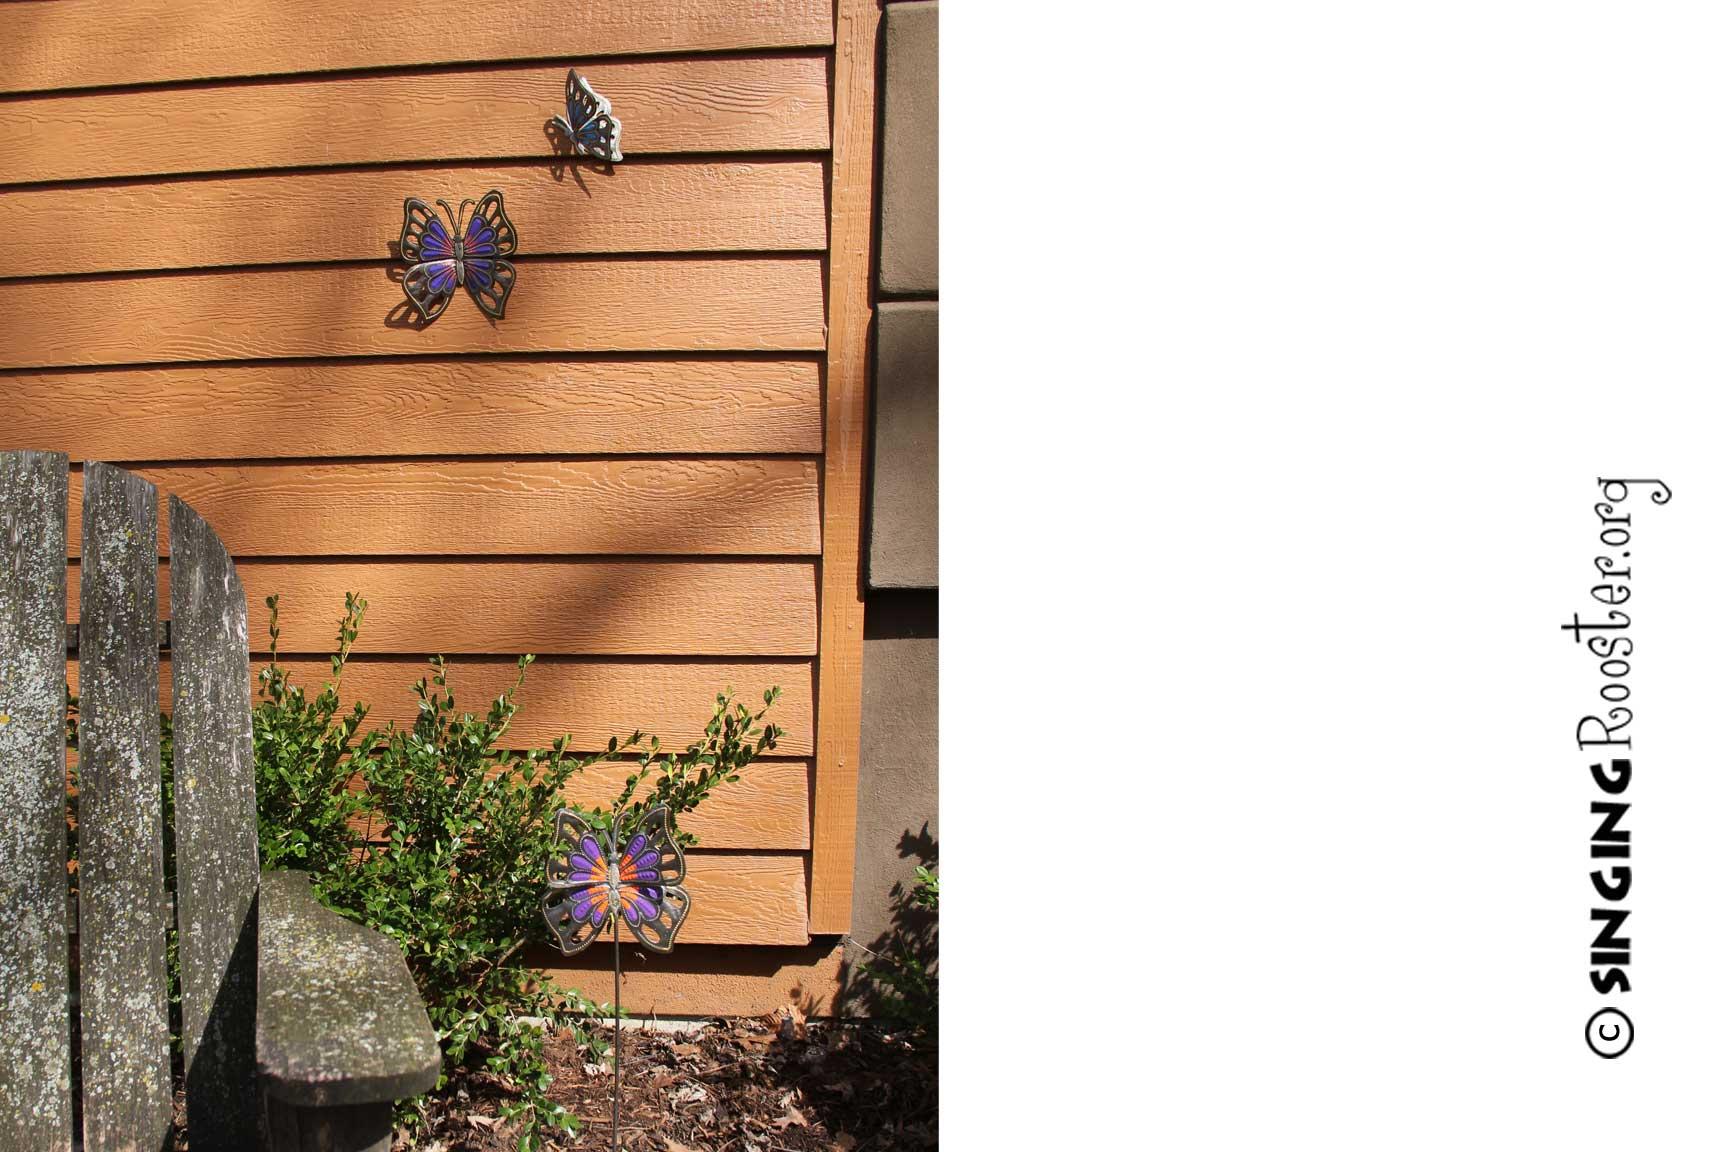 Buy Butterfly Garden Stake Online Shop For Butterfly Garden Art Online ...